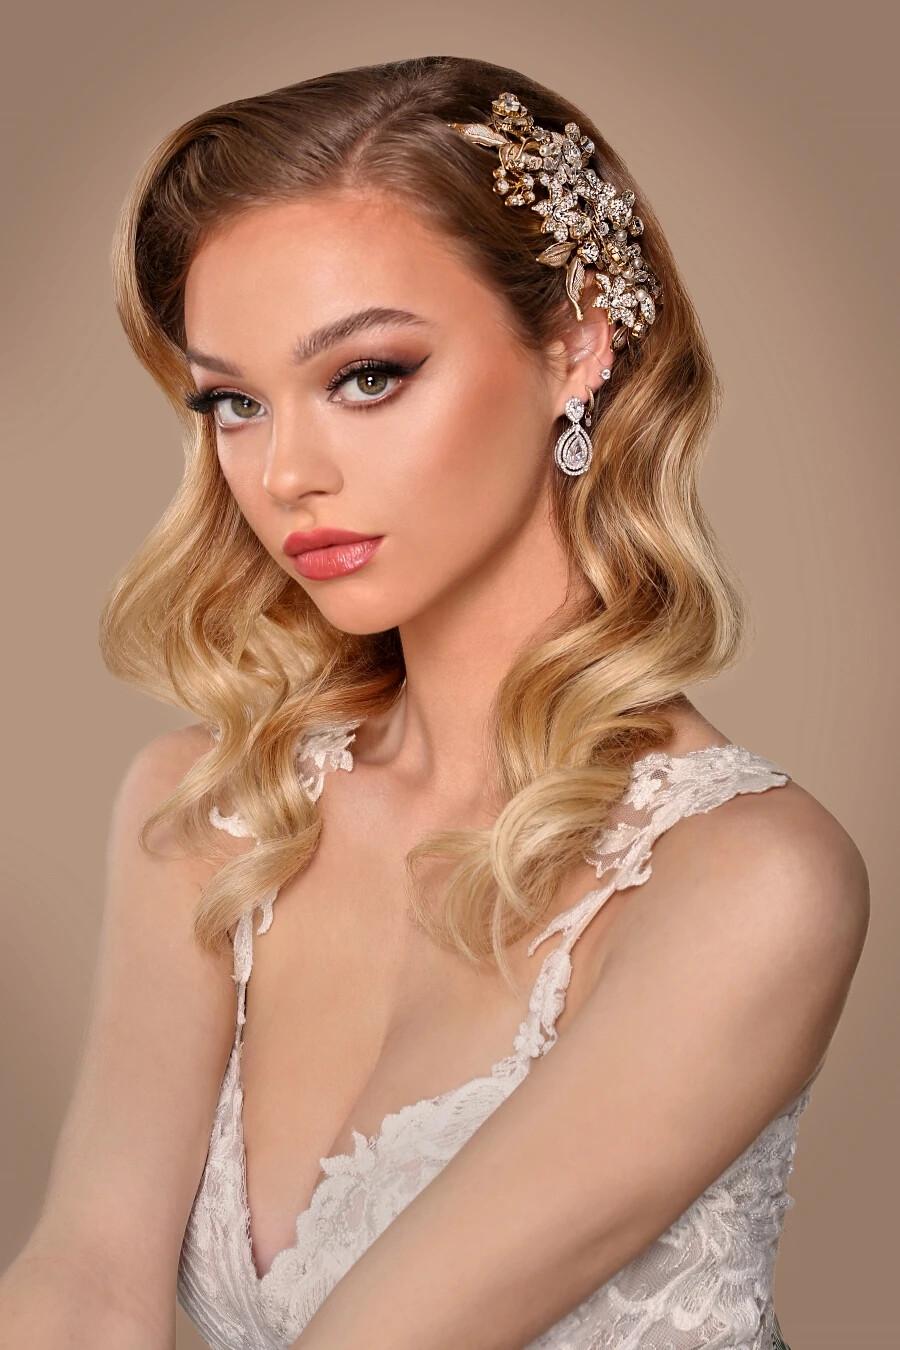 LDYIE Swarovski Hair Comb, Wedding Headpiece